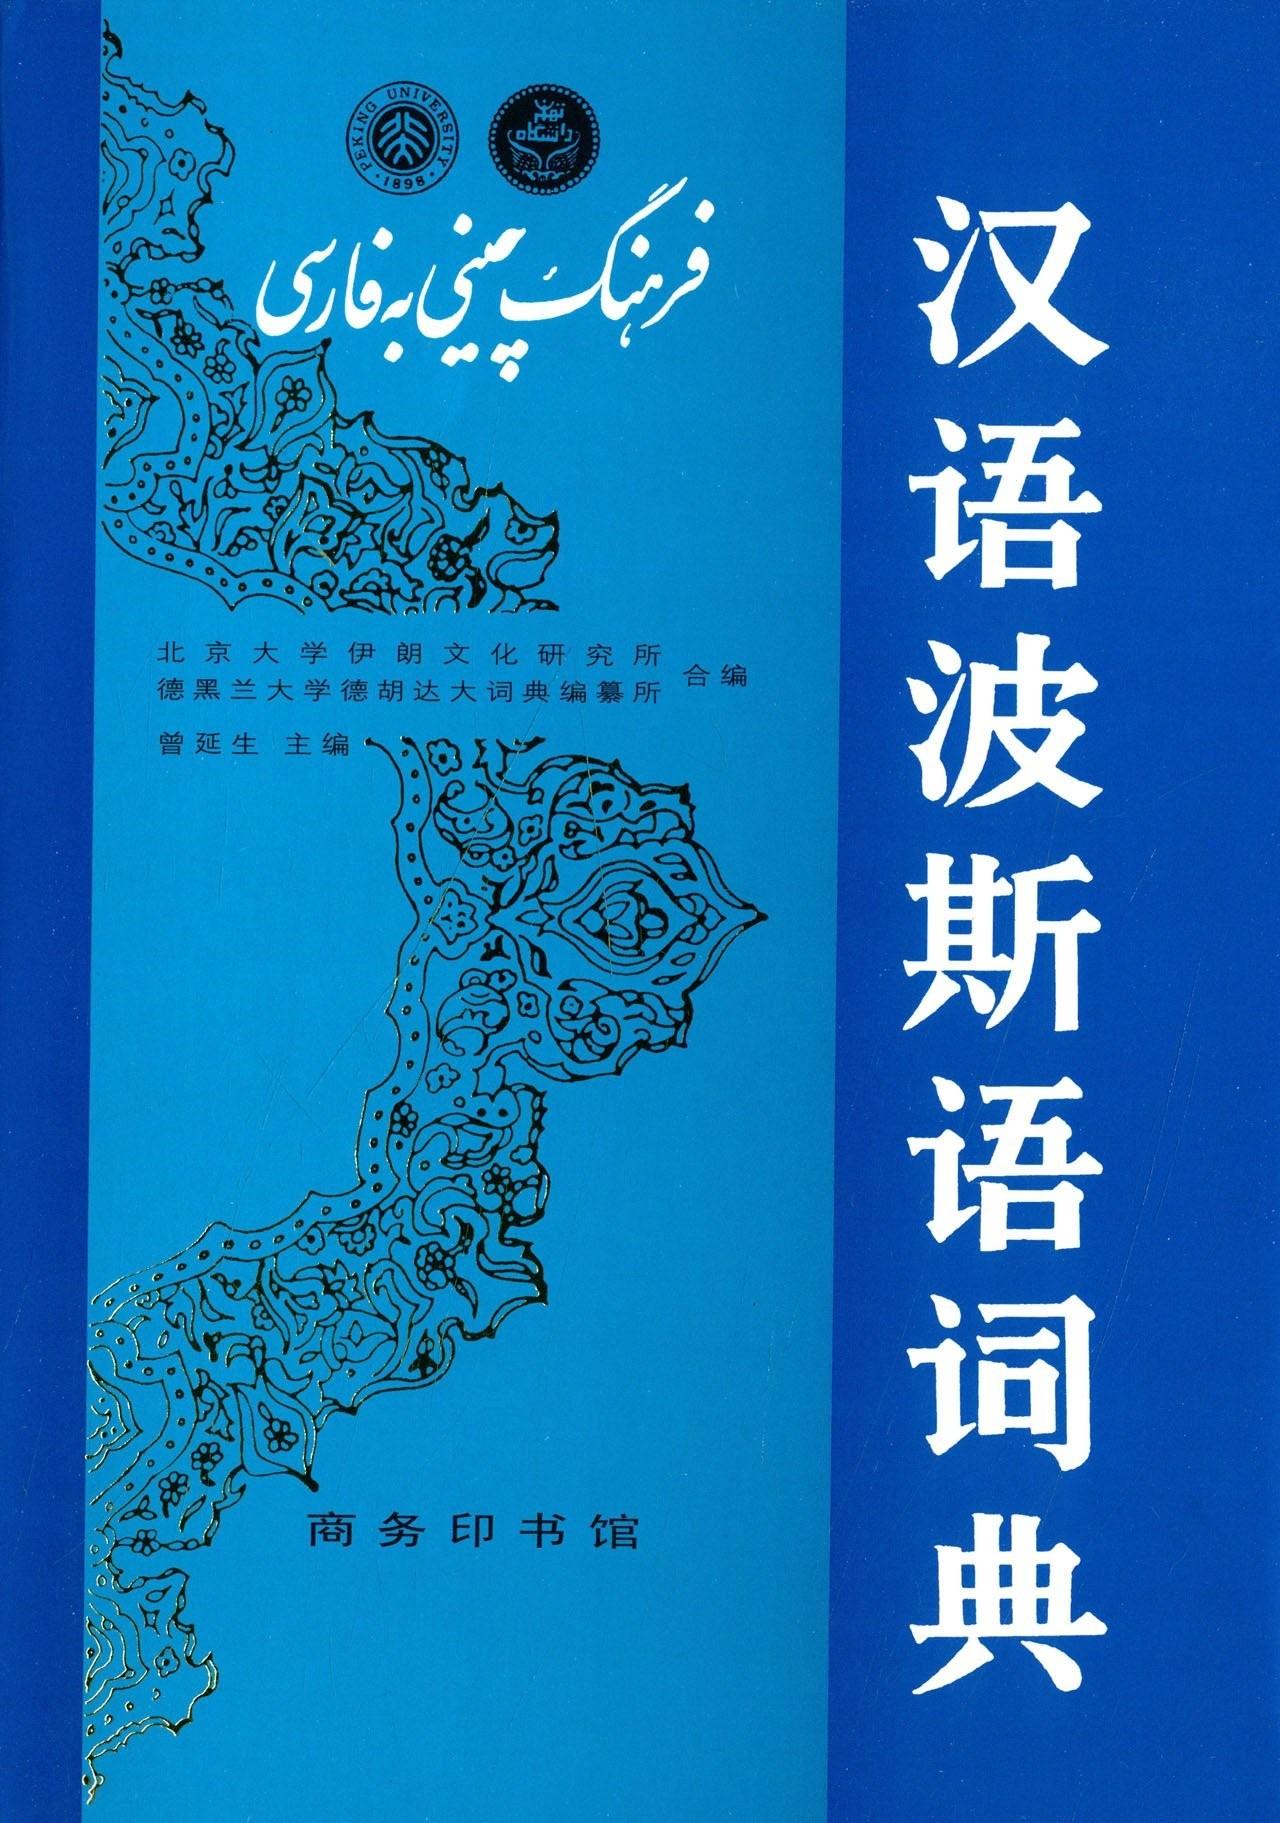 فرهنگ-لغت-نسبتا-کاملی-از-لغات-چینی-به-فارسی-است-که-می-تواند-در-آموزش-و-ترجمه-زبان-چینی-و-فارسی-به-صورت-دو-طرفه-کاربرد-داشته-باشد.